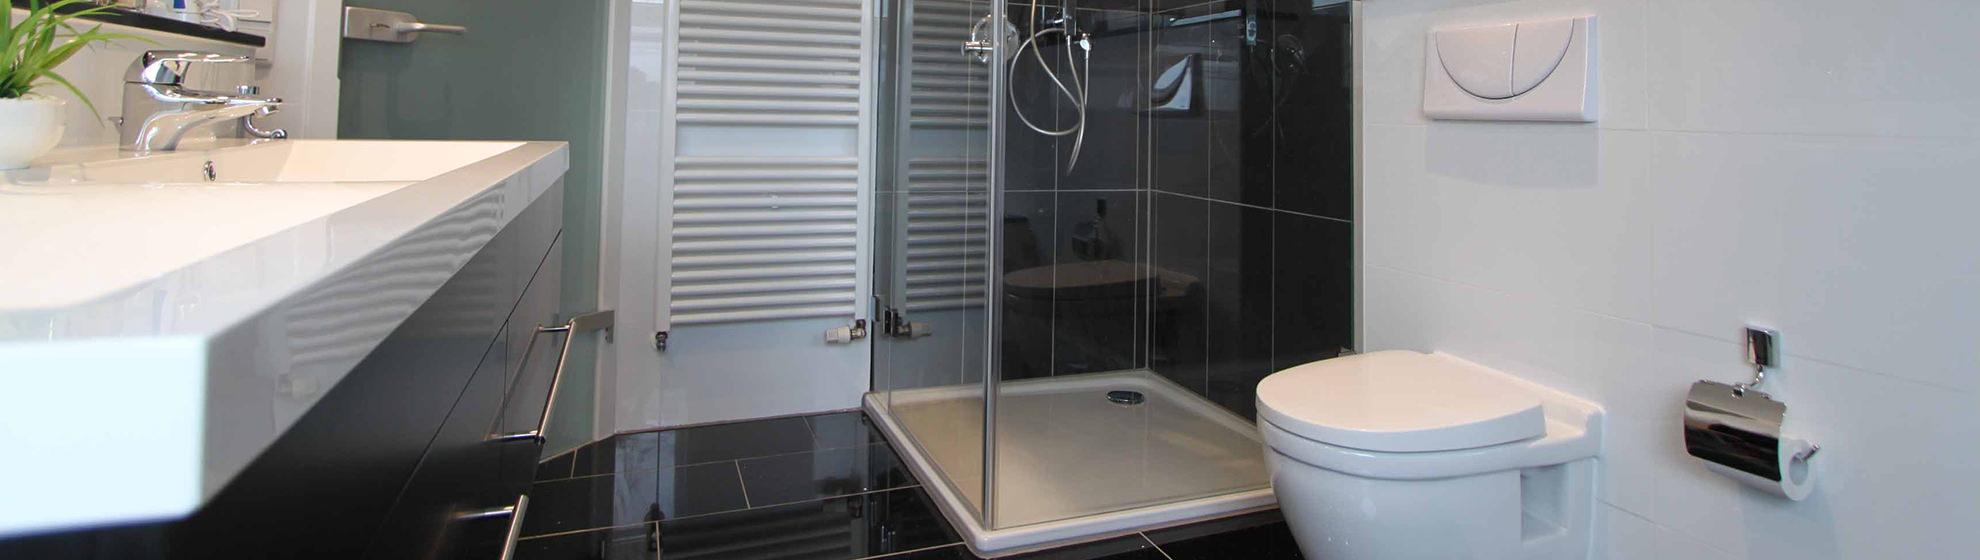 Glas Bad Bader Ganzglasduschen Dusche Modernisierung Glas Im